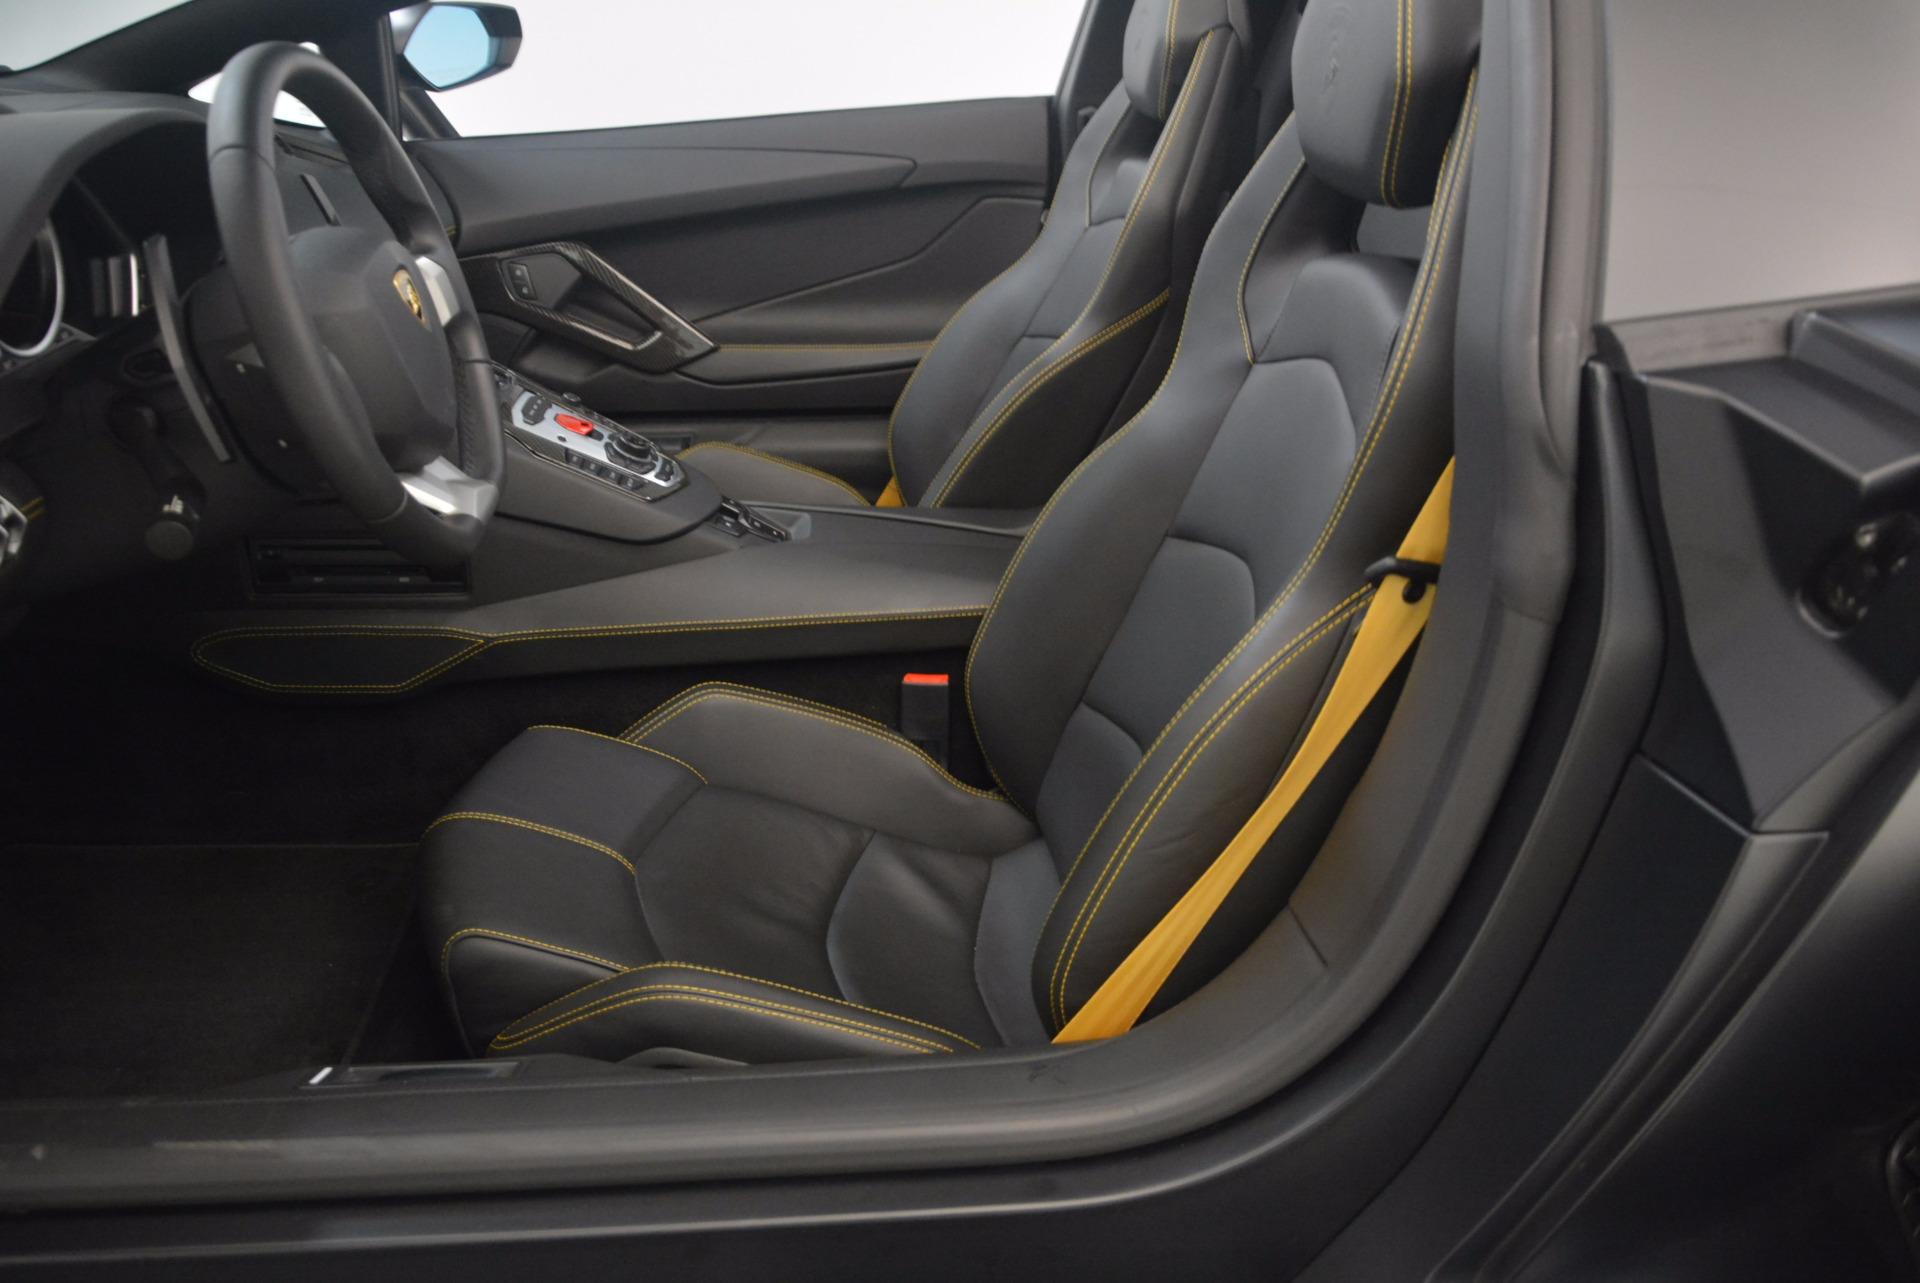 Used 2015 Lamborghini Aventador LP 700-4 For Sale In Greenwich, CT 1217_p24